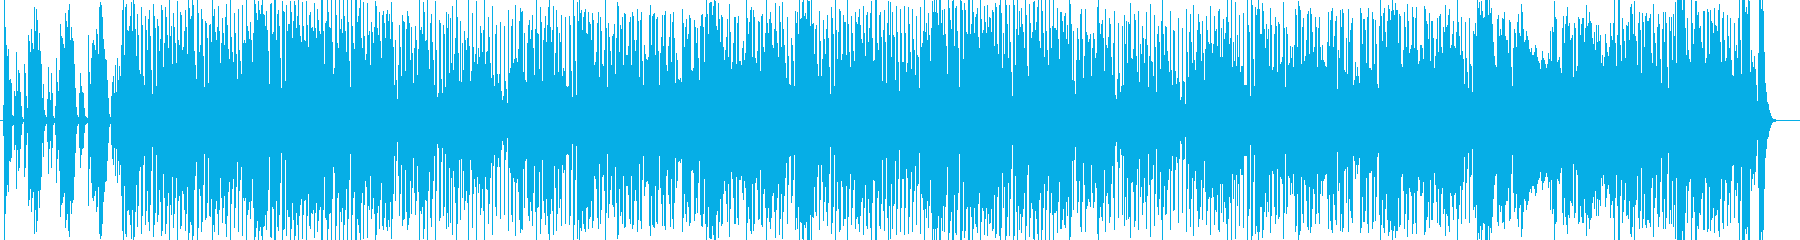 わくわく散歩シンセサイザーサウンドの再生済みの波形